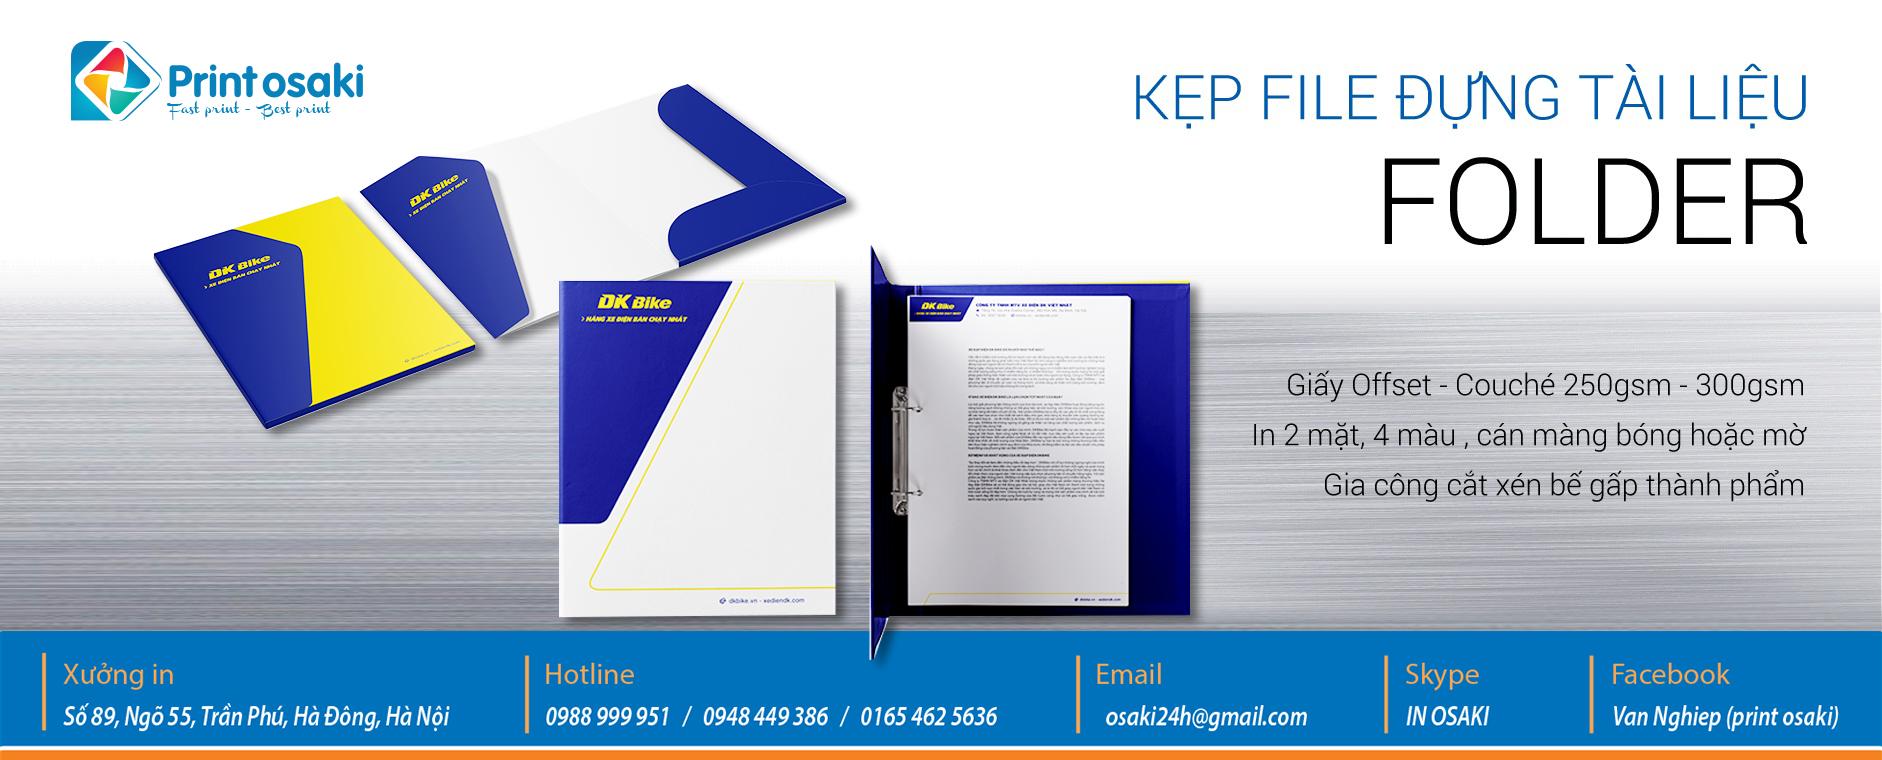 Kep file